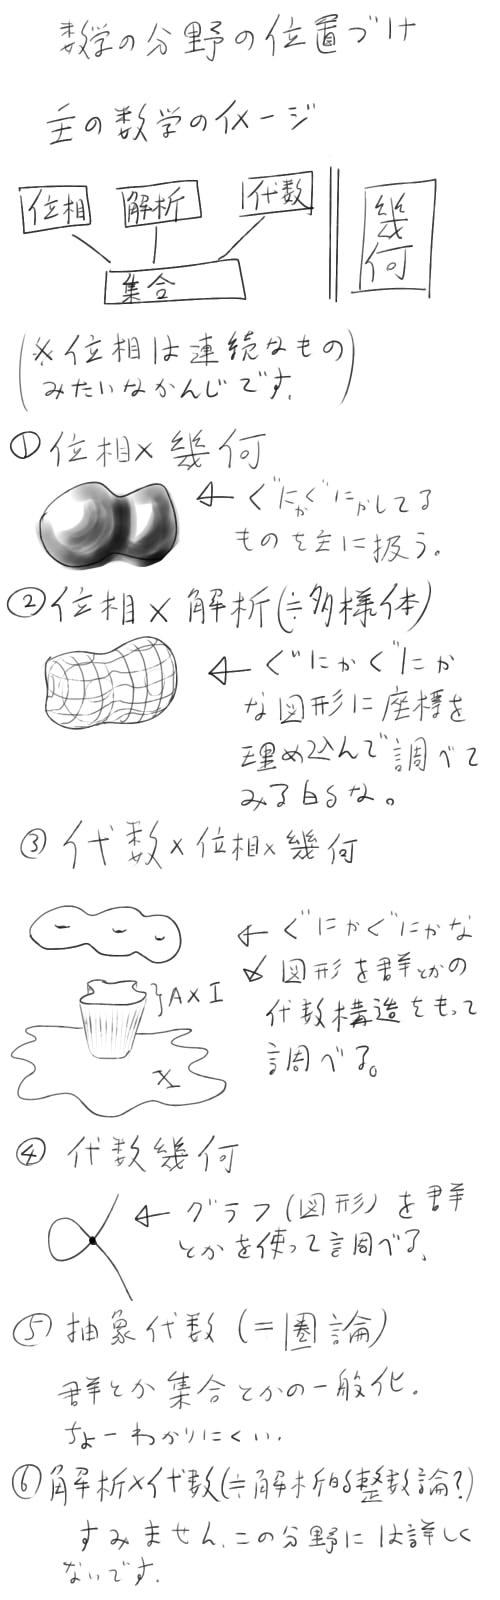 主の数学イメージ